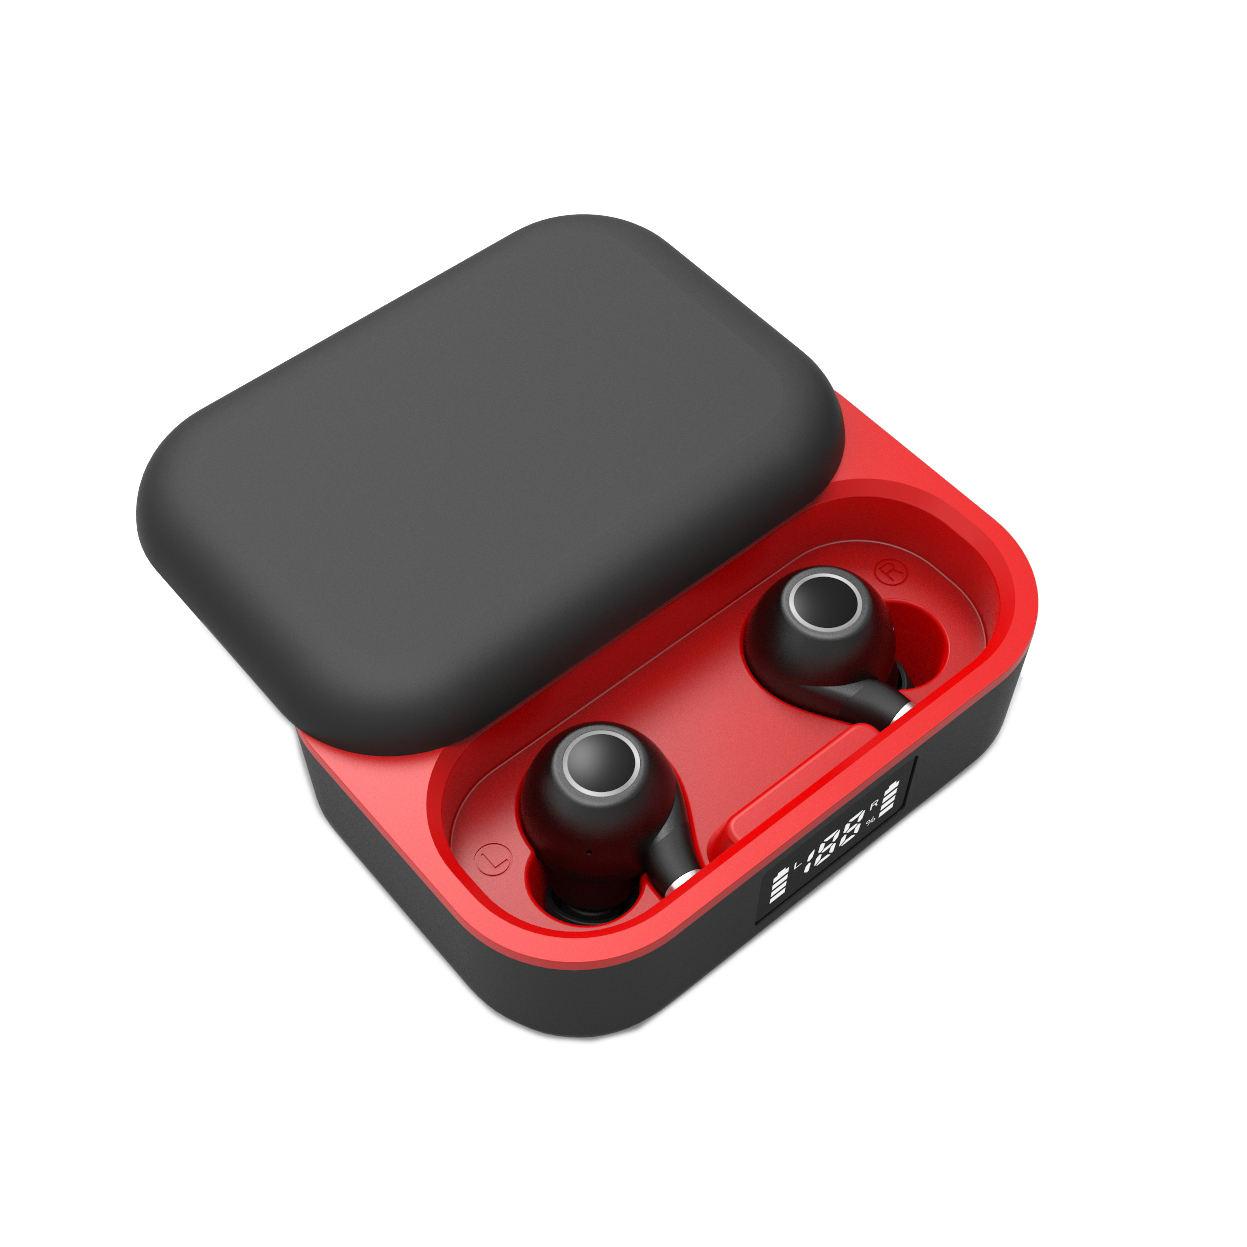 TWS Bluetooth 5.0 Sans Fil sport Écouteurs IPX7 Étanche Bluetooth Écouteurs de haute volume 2600MAH boîte de recharge